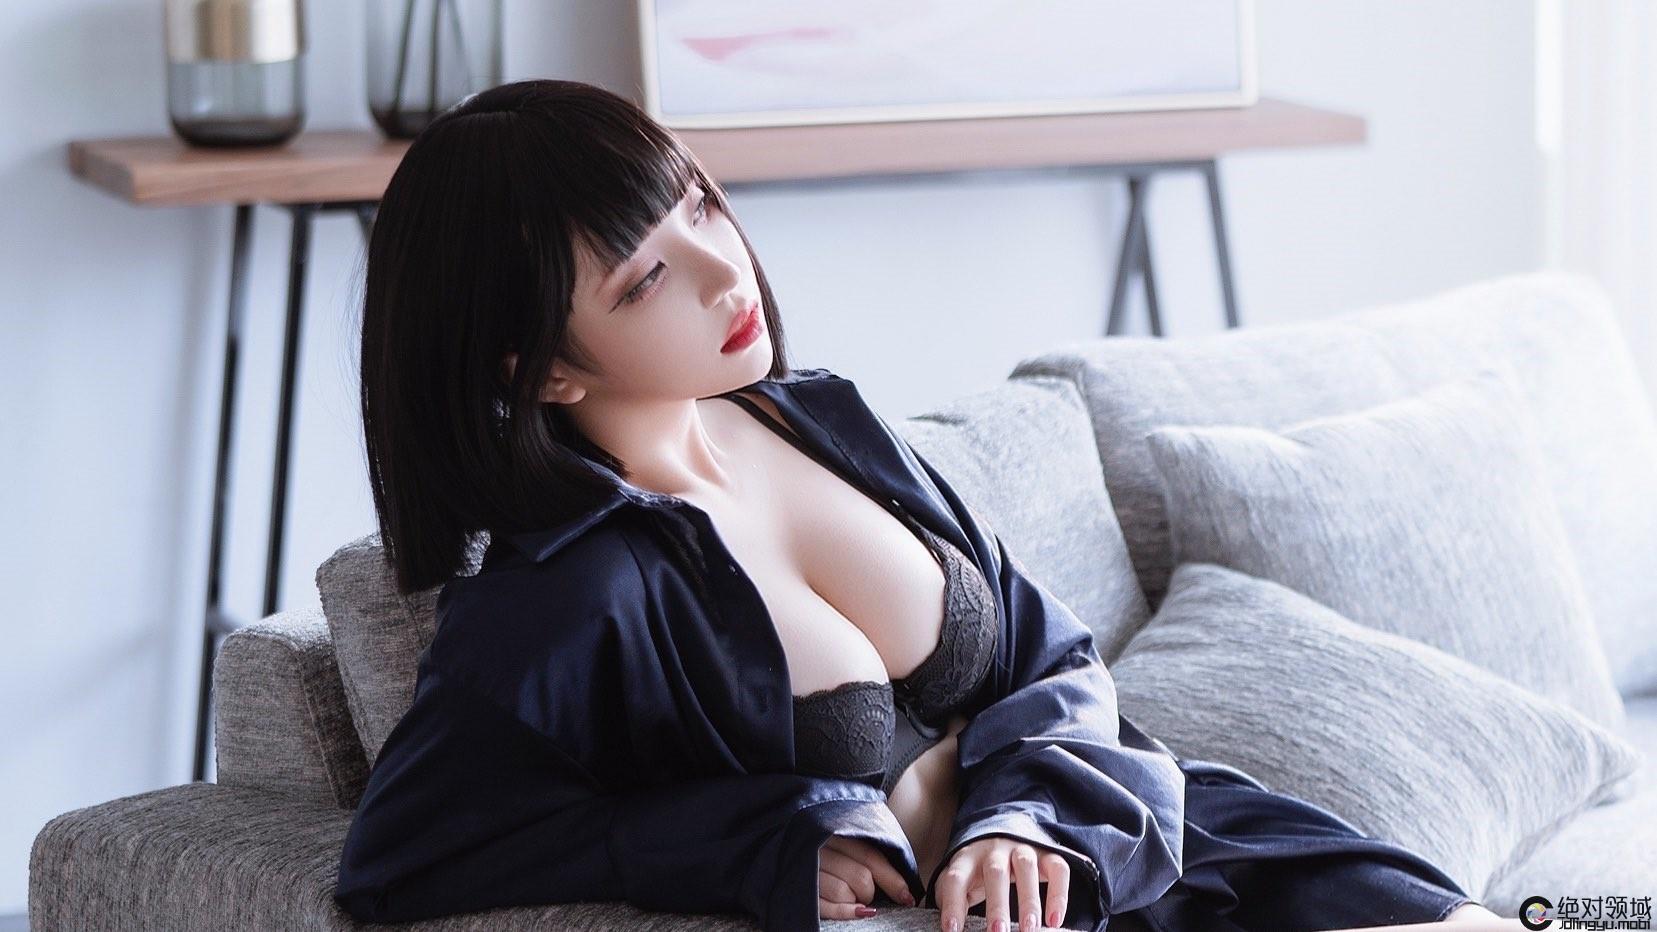 名正言顺欣赏美妙欧派的节日,日本11月8日「好欧派日」图片合集